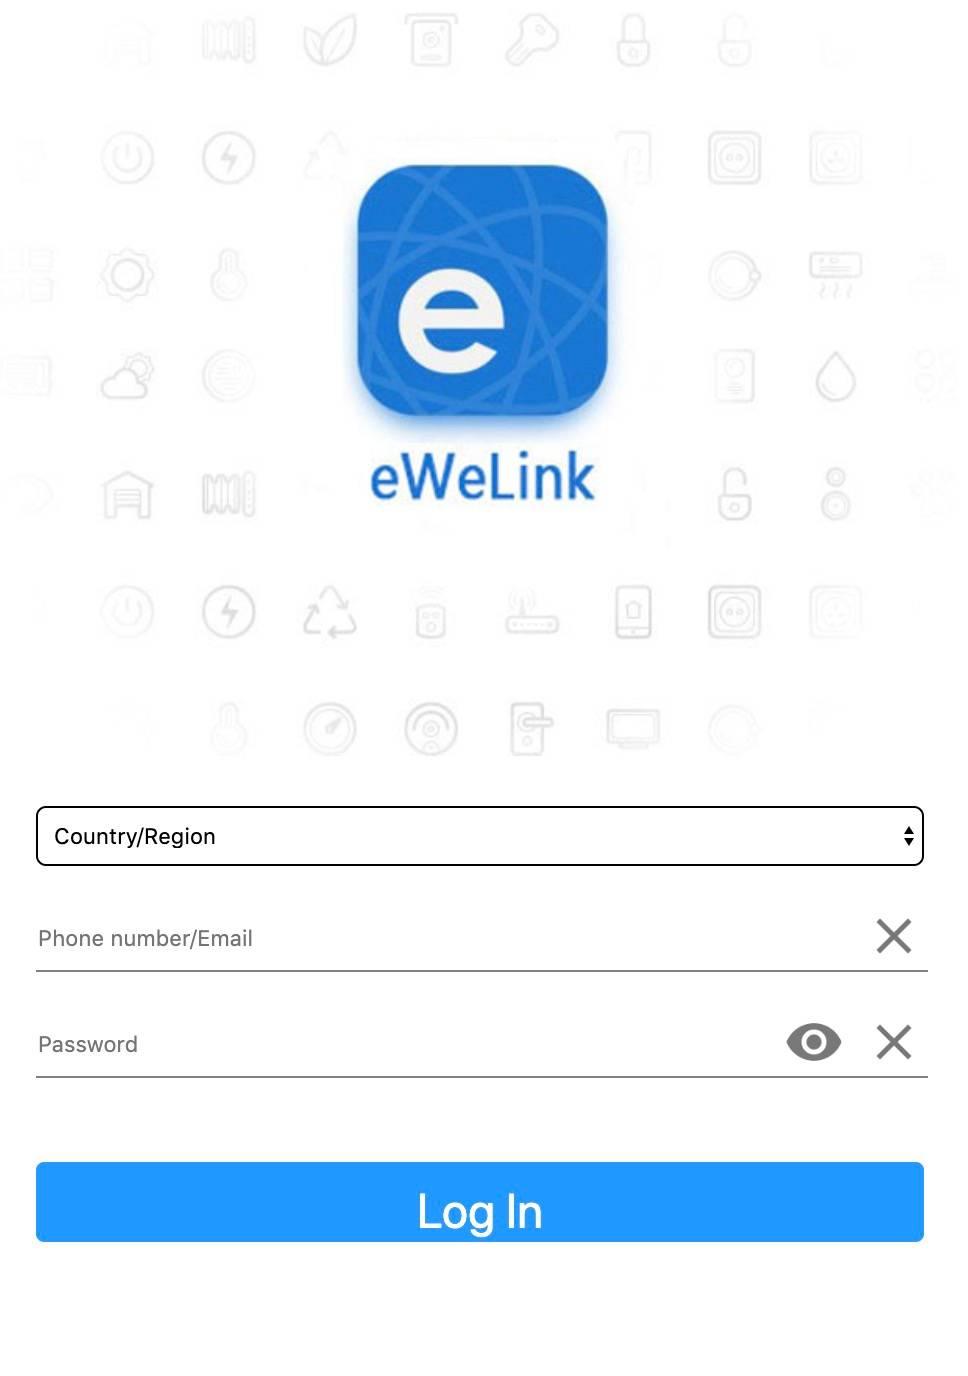 Шаг 4. Вводим логин и пароль от учетной записи eWeLink — она создается при добавлении устройств Sonoff в приложении eWeLink